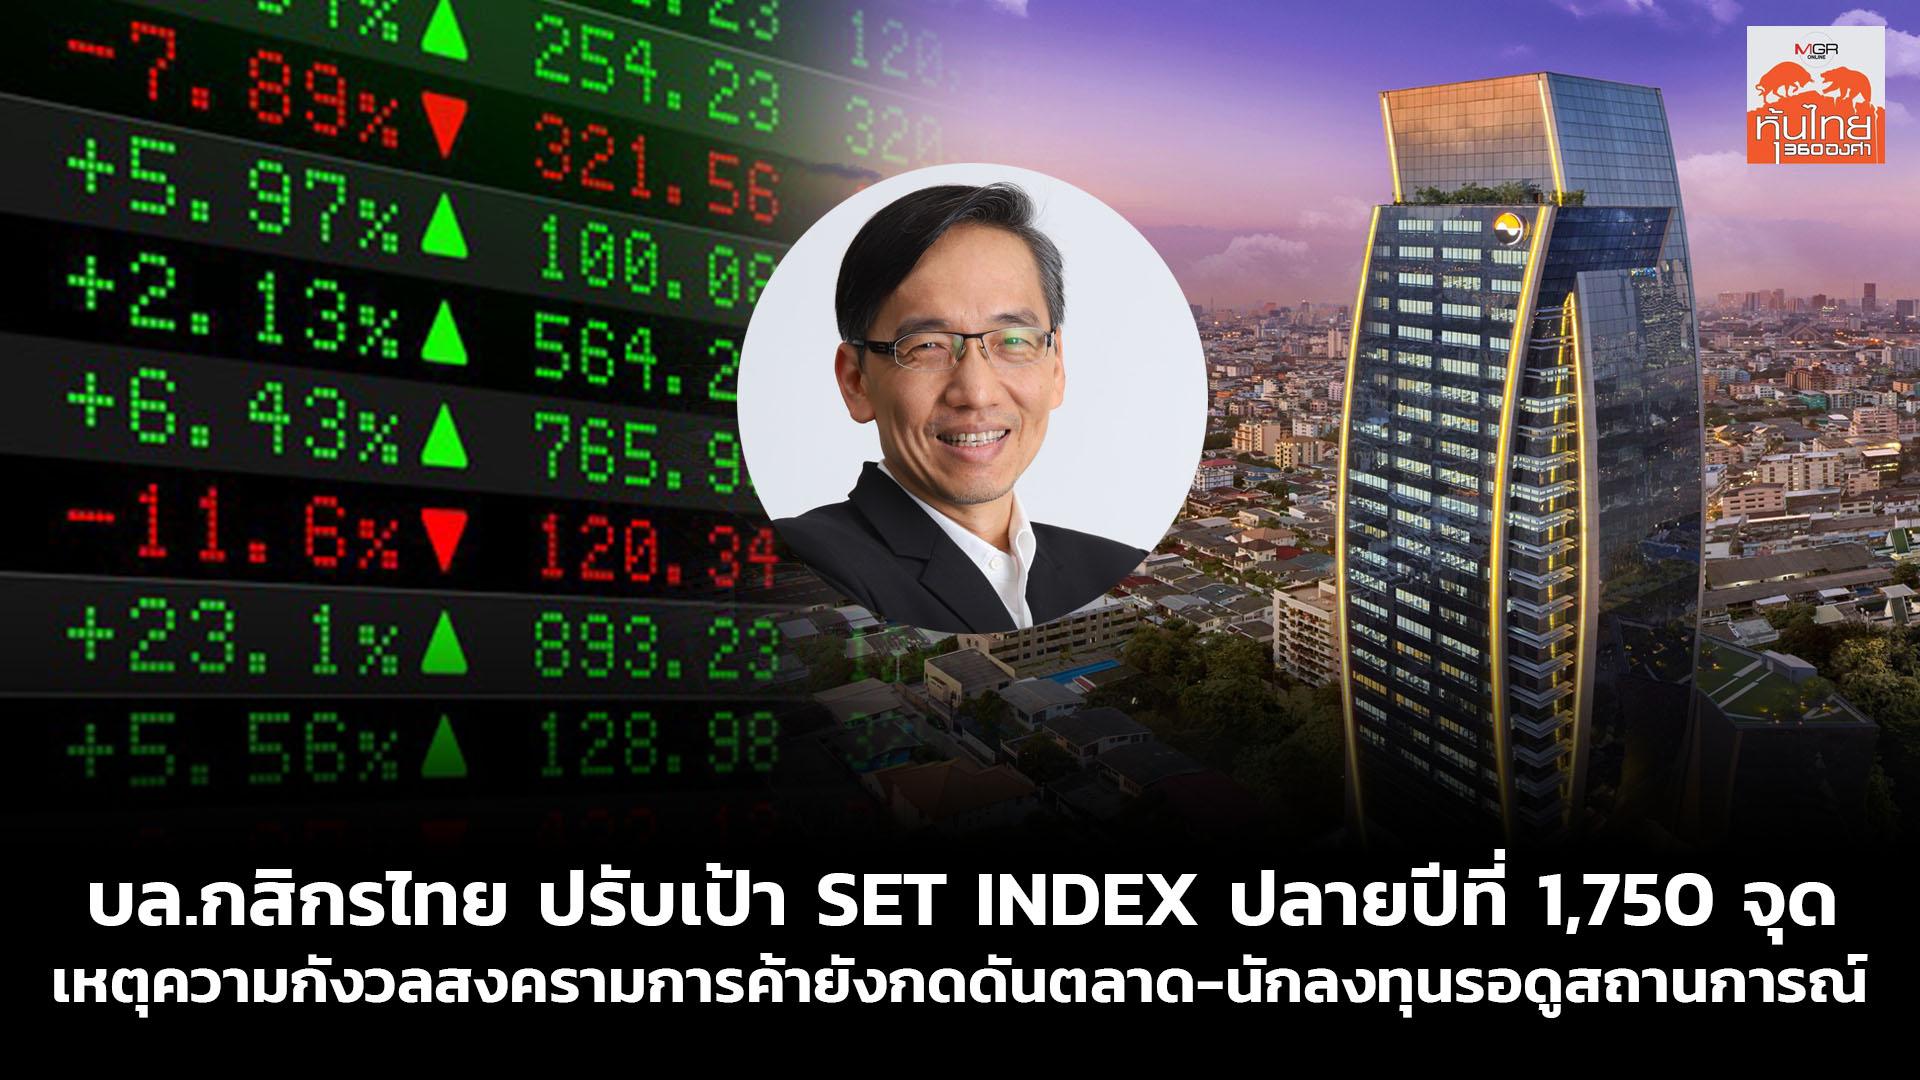 (รับชมคลิป) บล.กสิกรไทย ปรับเป้า SET INDEX ปลายปีที่ 1,750 จุด เหตุความกังวลสงครามการค้ายังกดดันตลาด-นักลงทุนรอดูสถานการณ์